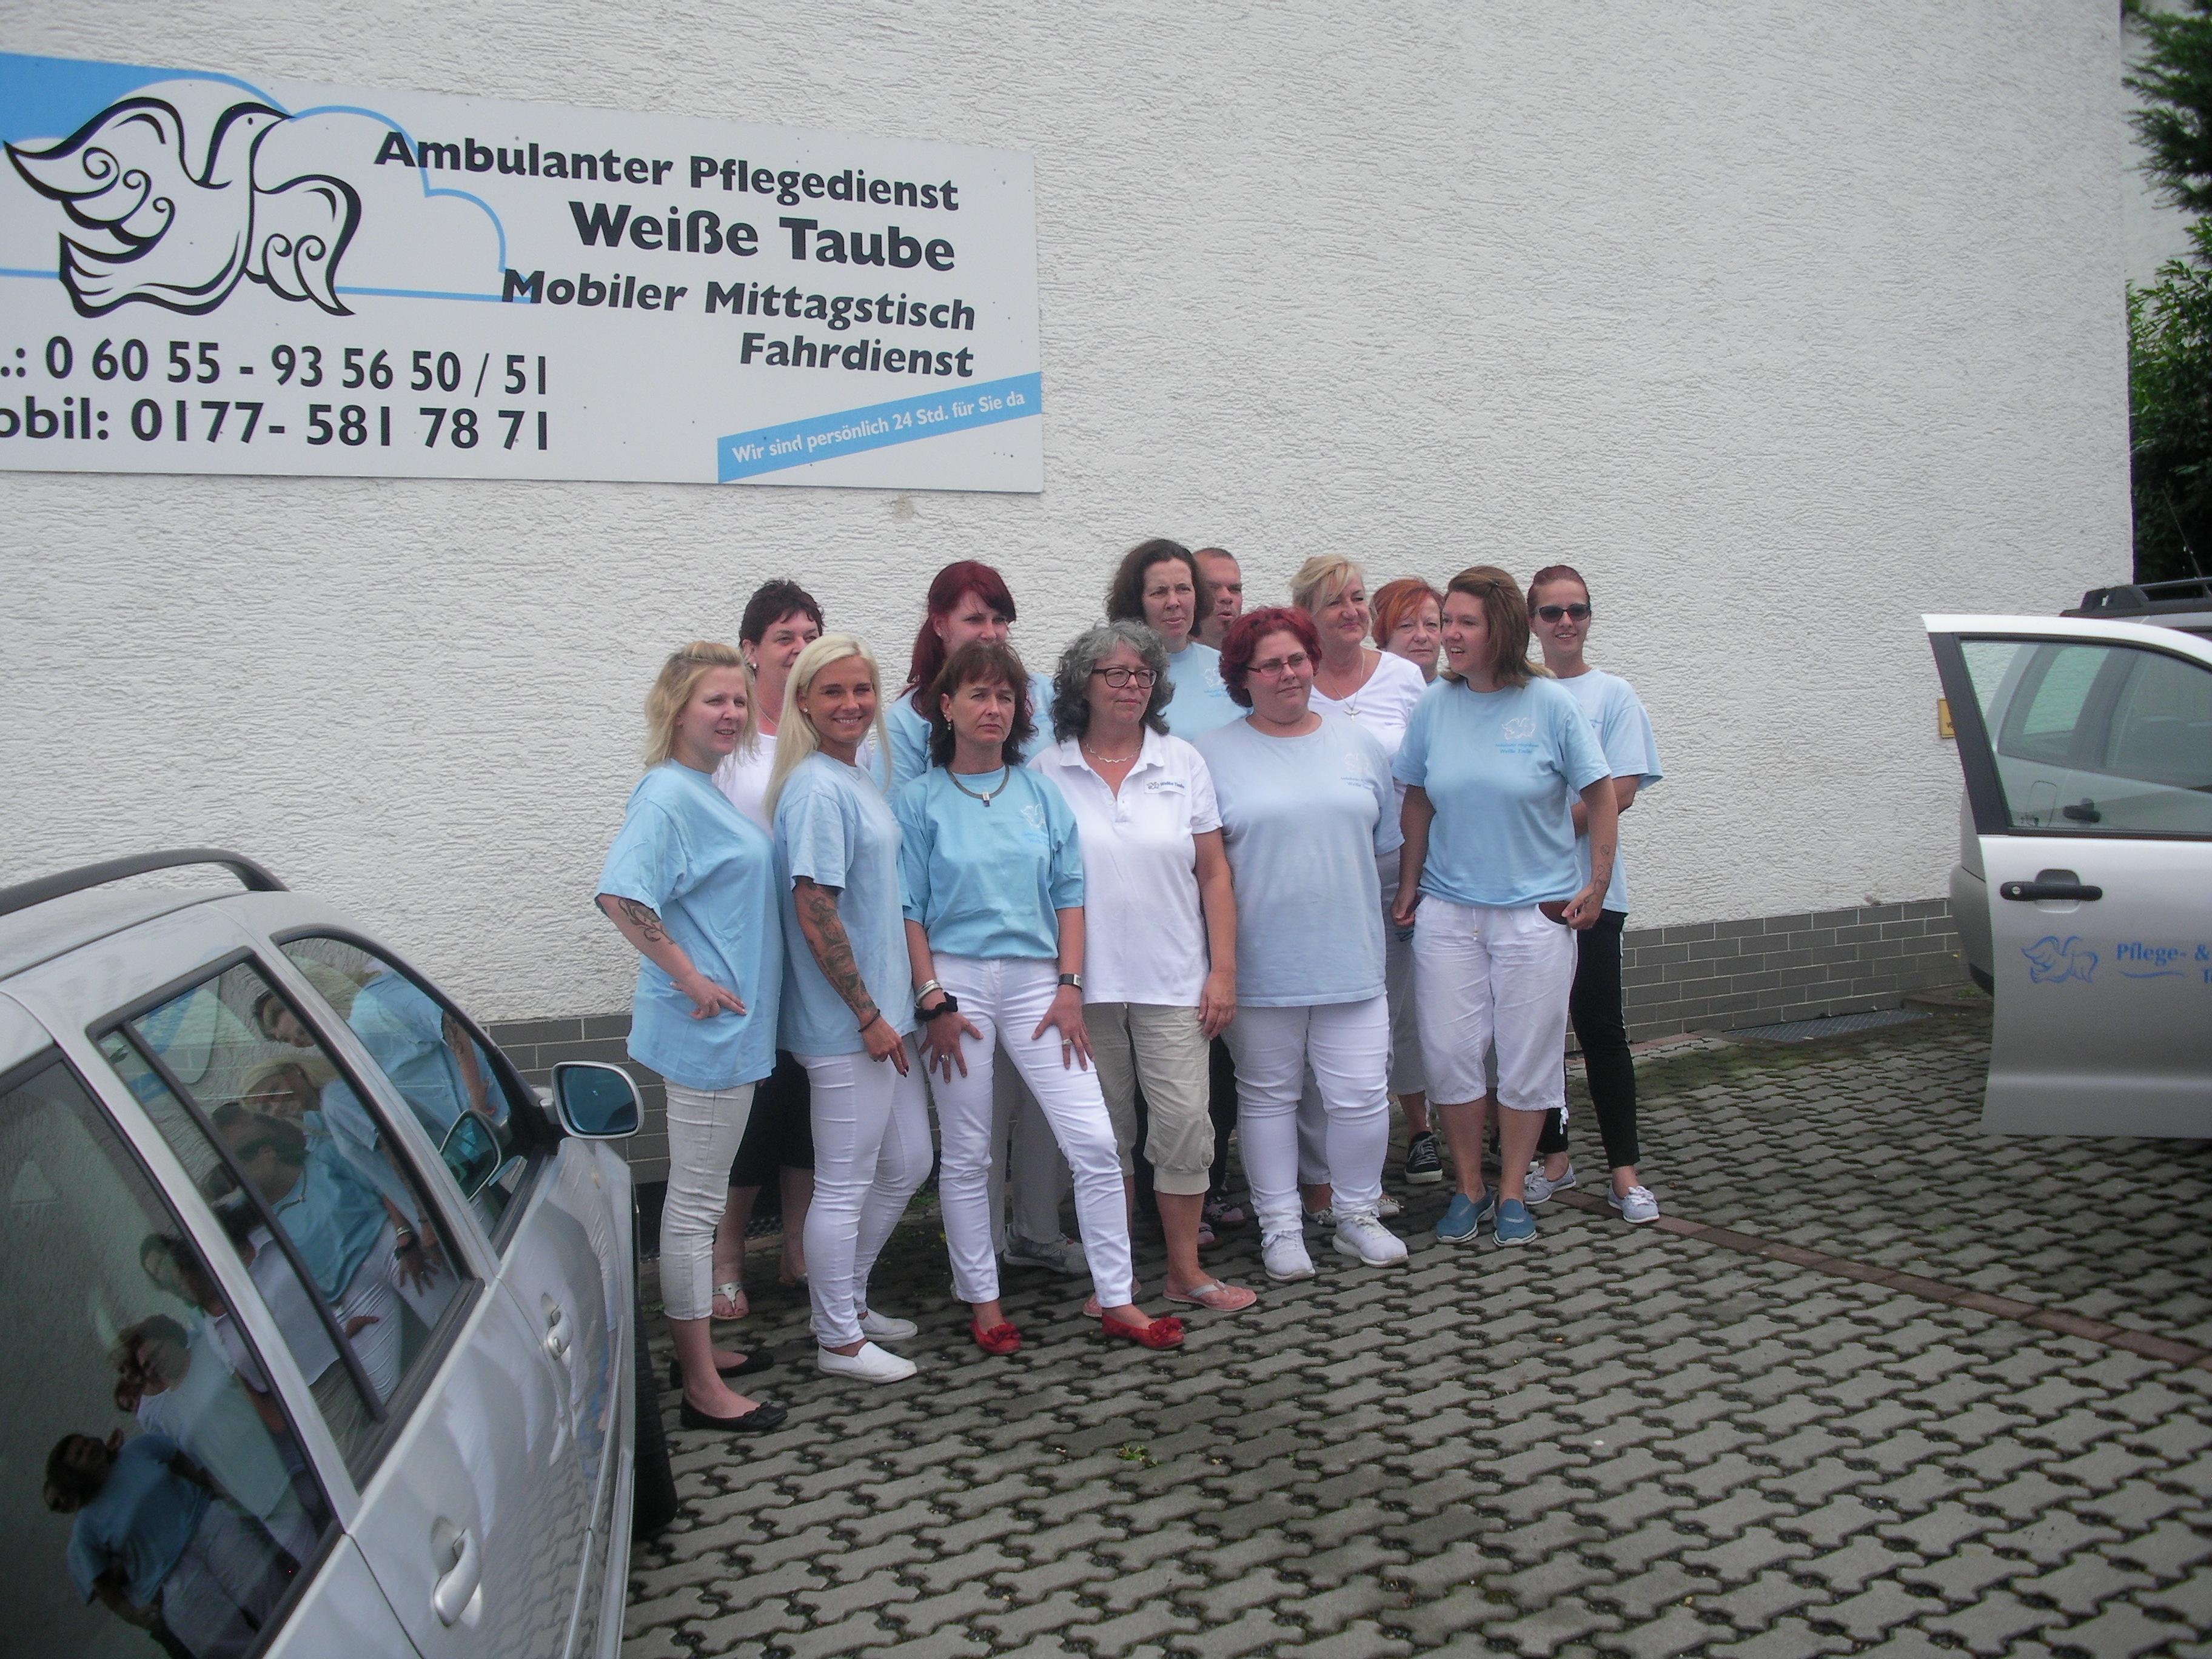 AmbulantePflegeRIMG0991